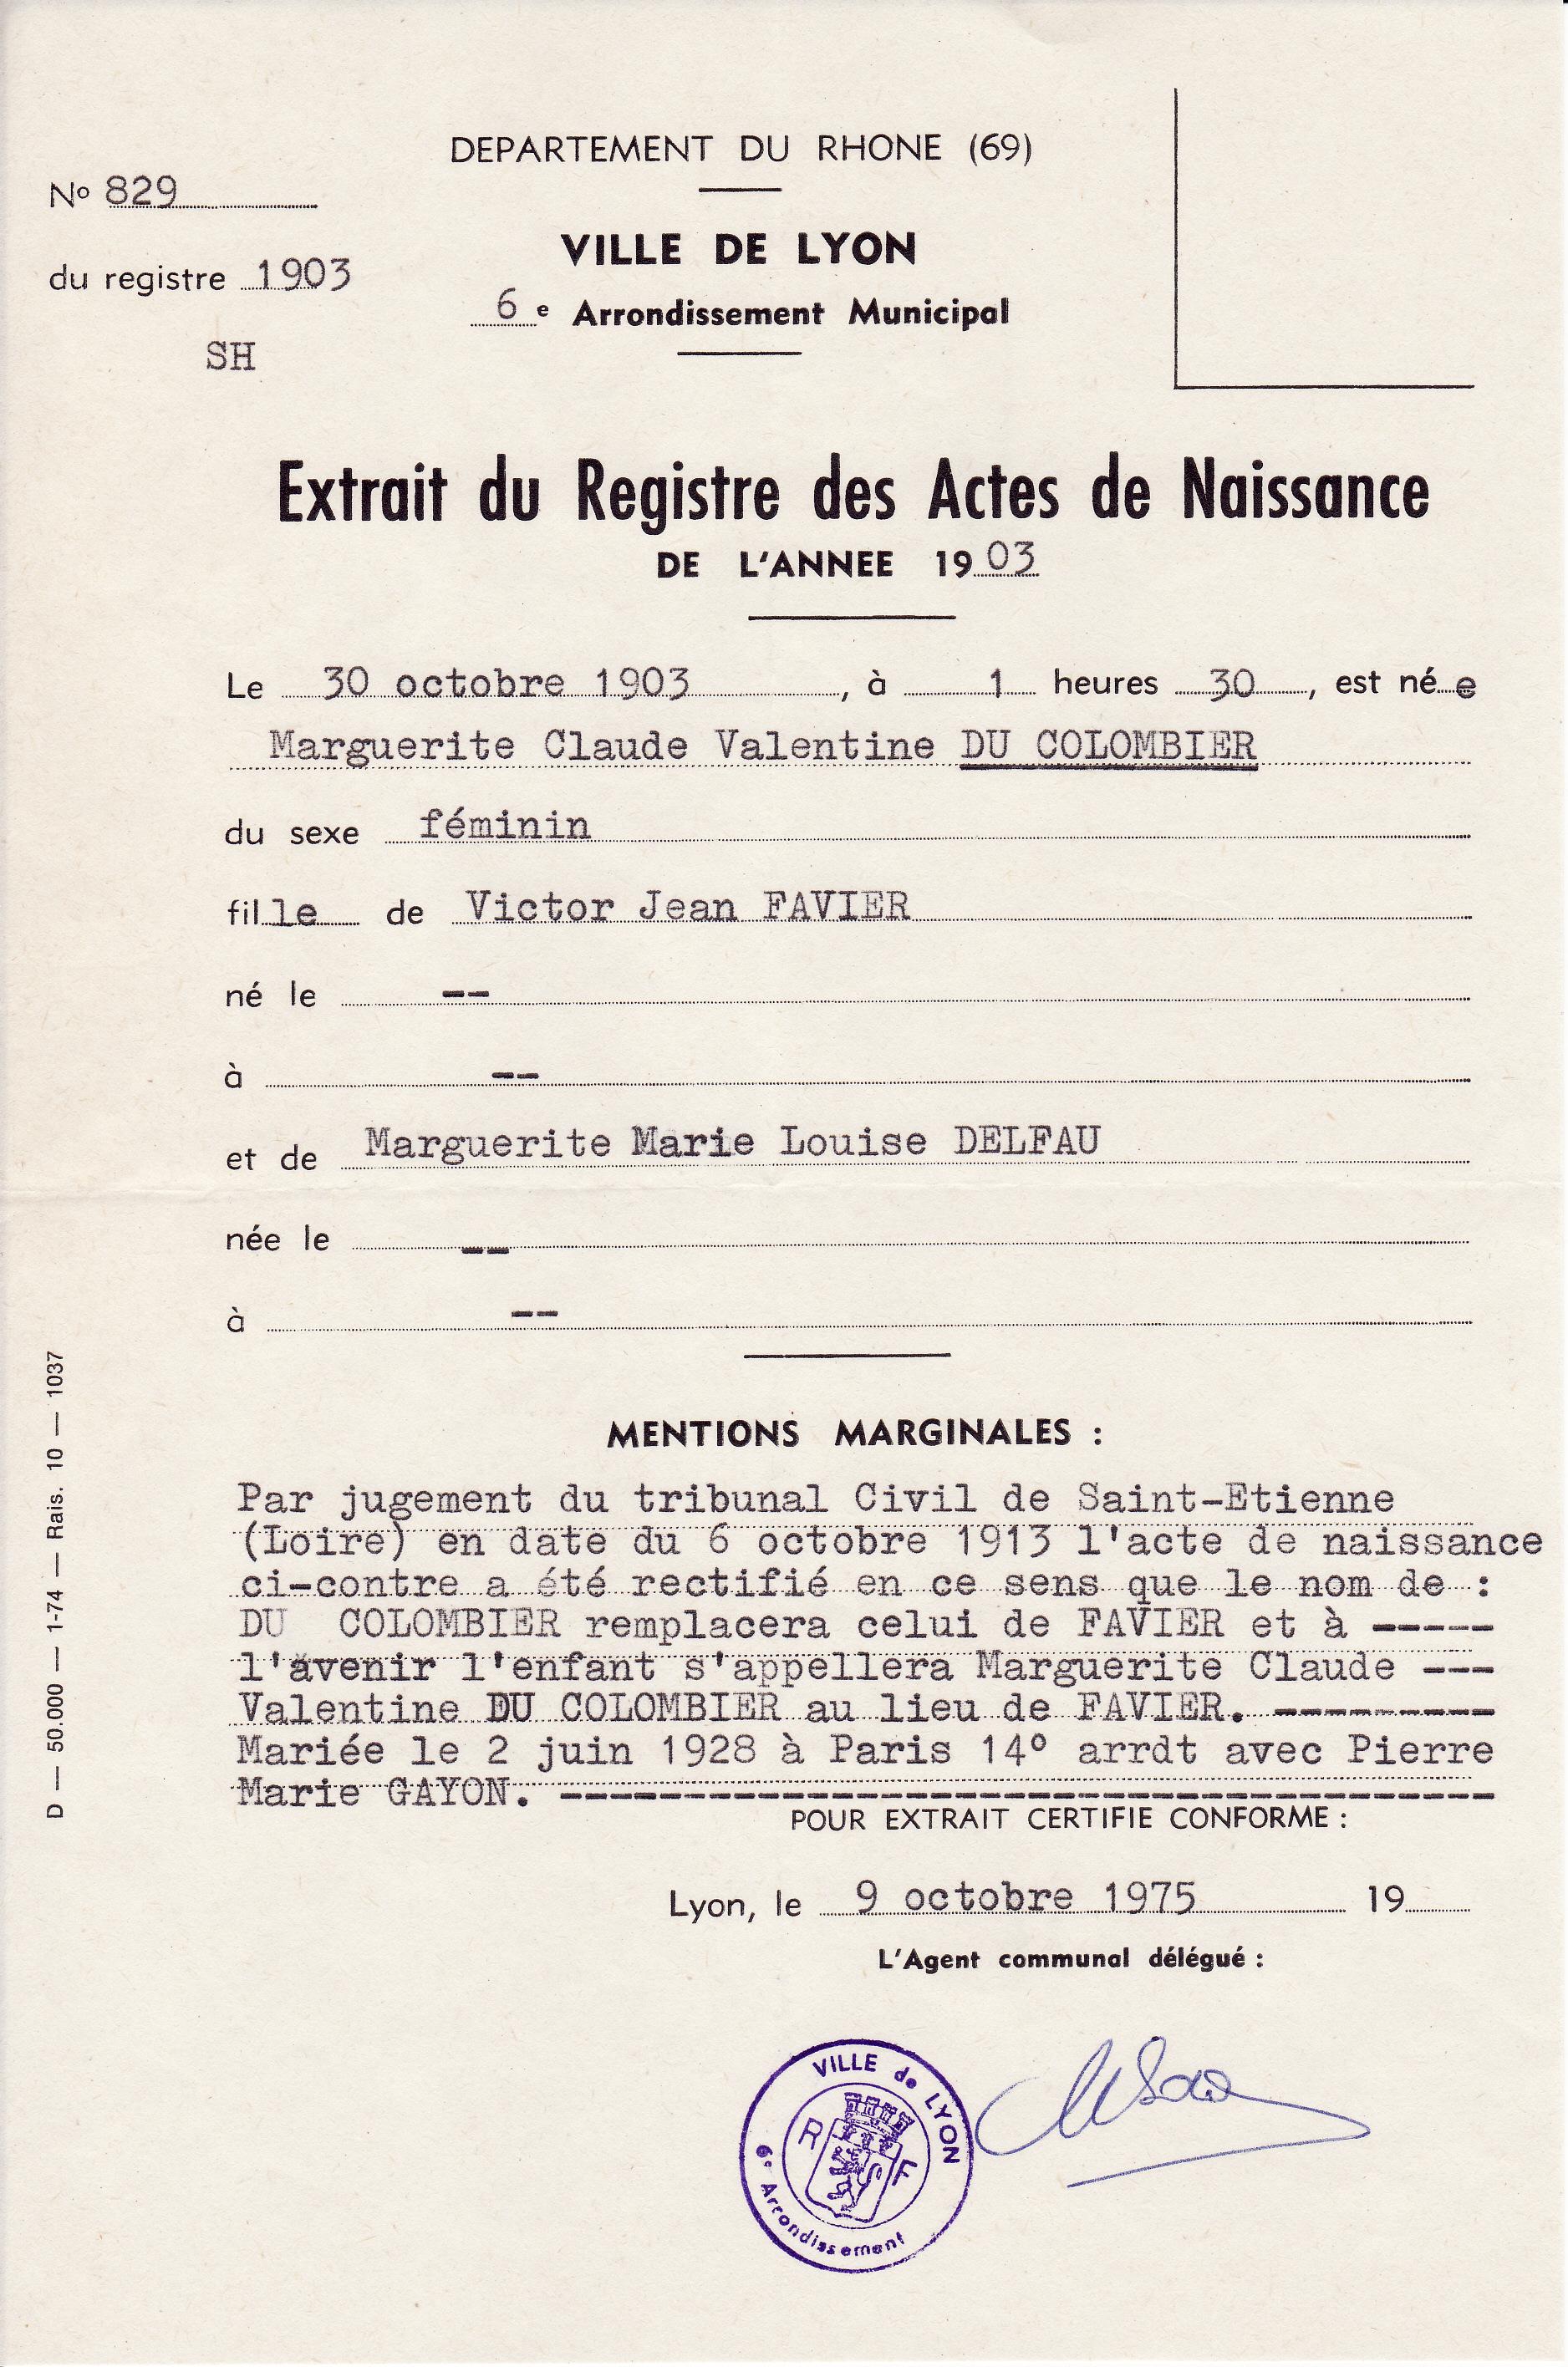 ° 1903 du COLOMBIER Marguerite Claude Valentine